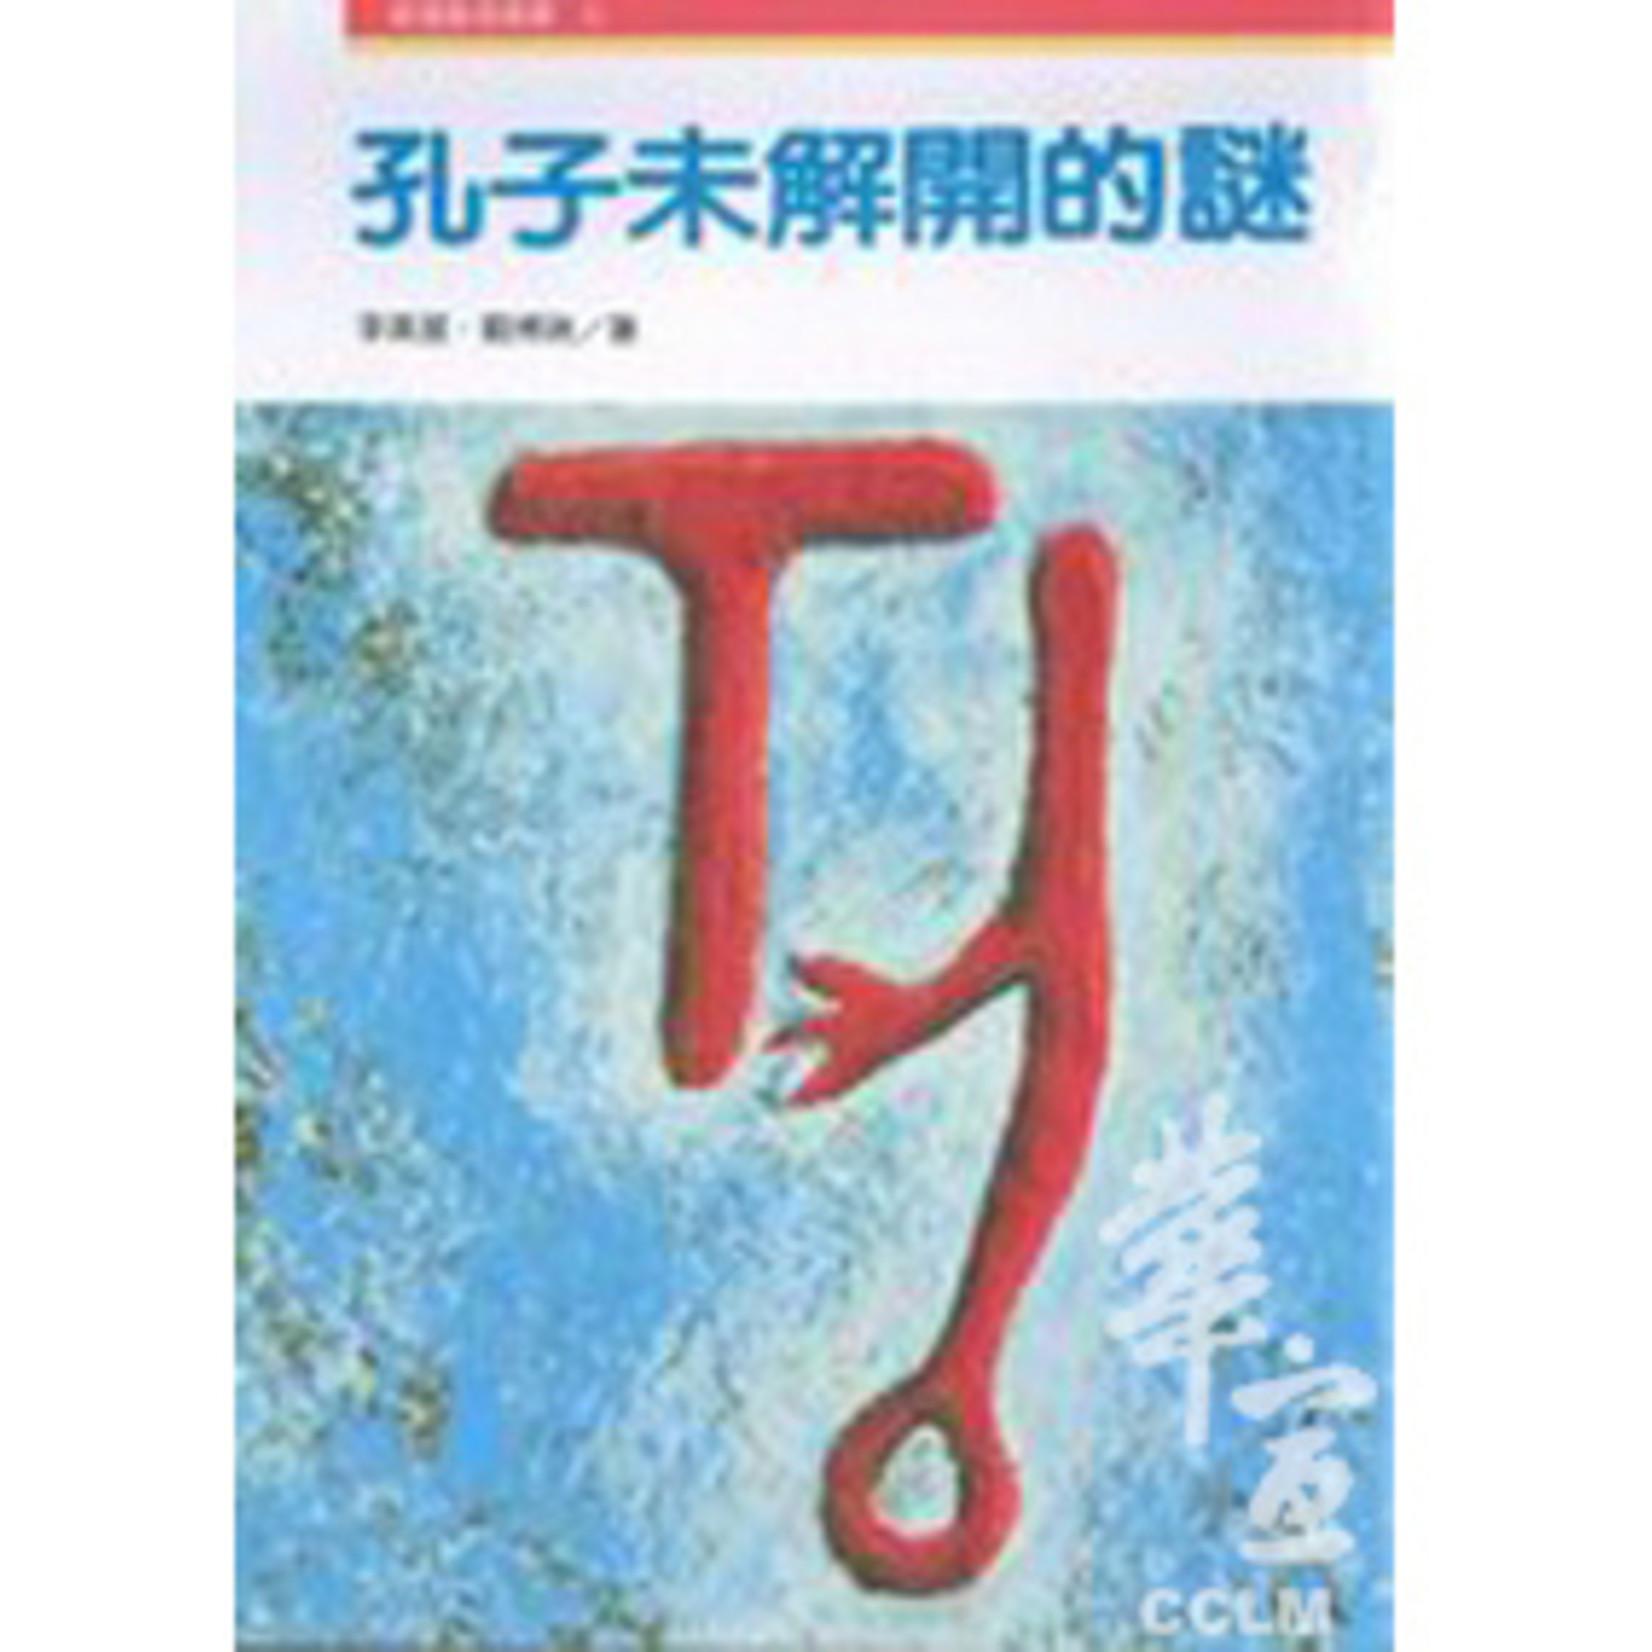 橄欖 Olive Press 孔子未解開的謎 Mysteries Confucius Couldn't Solve